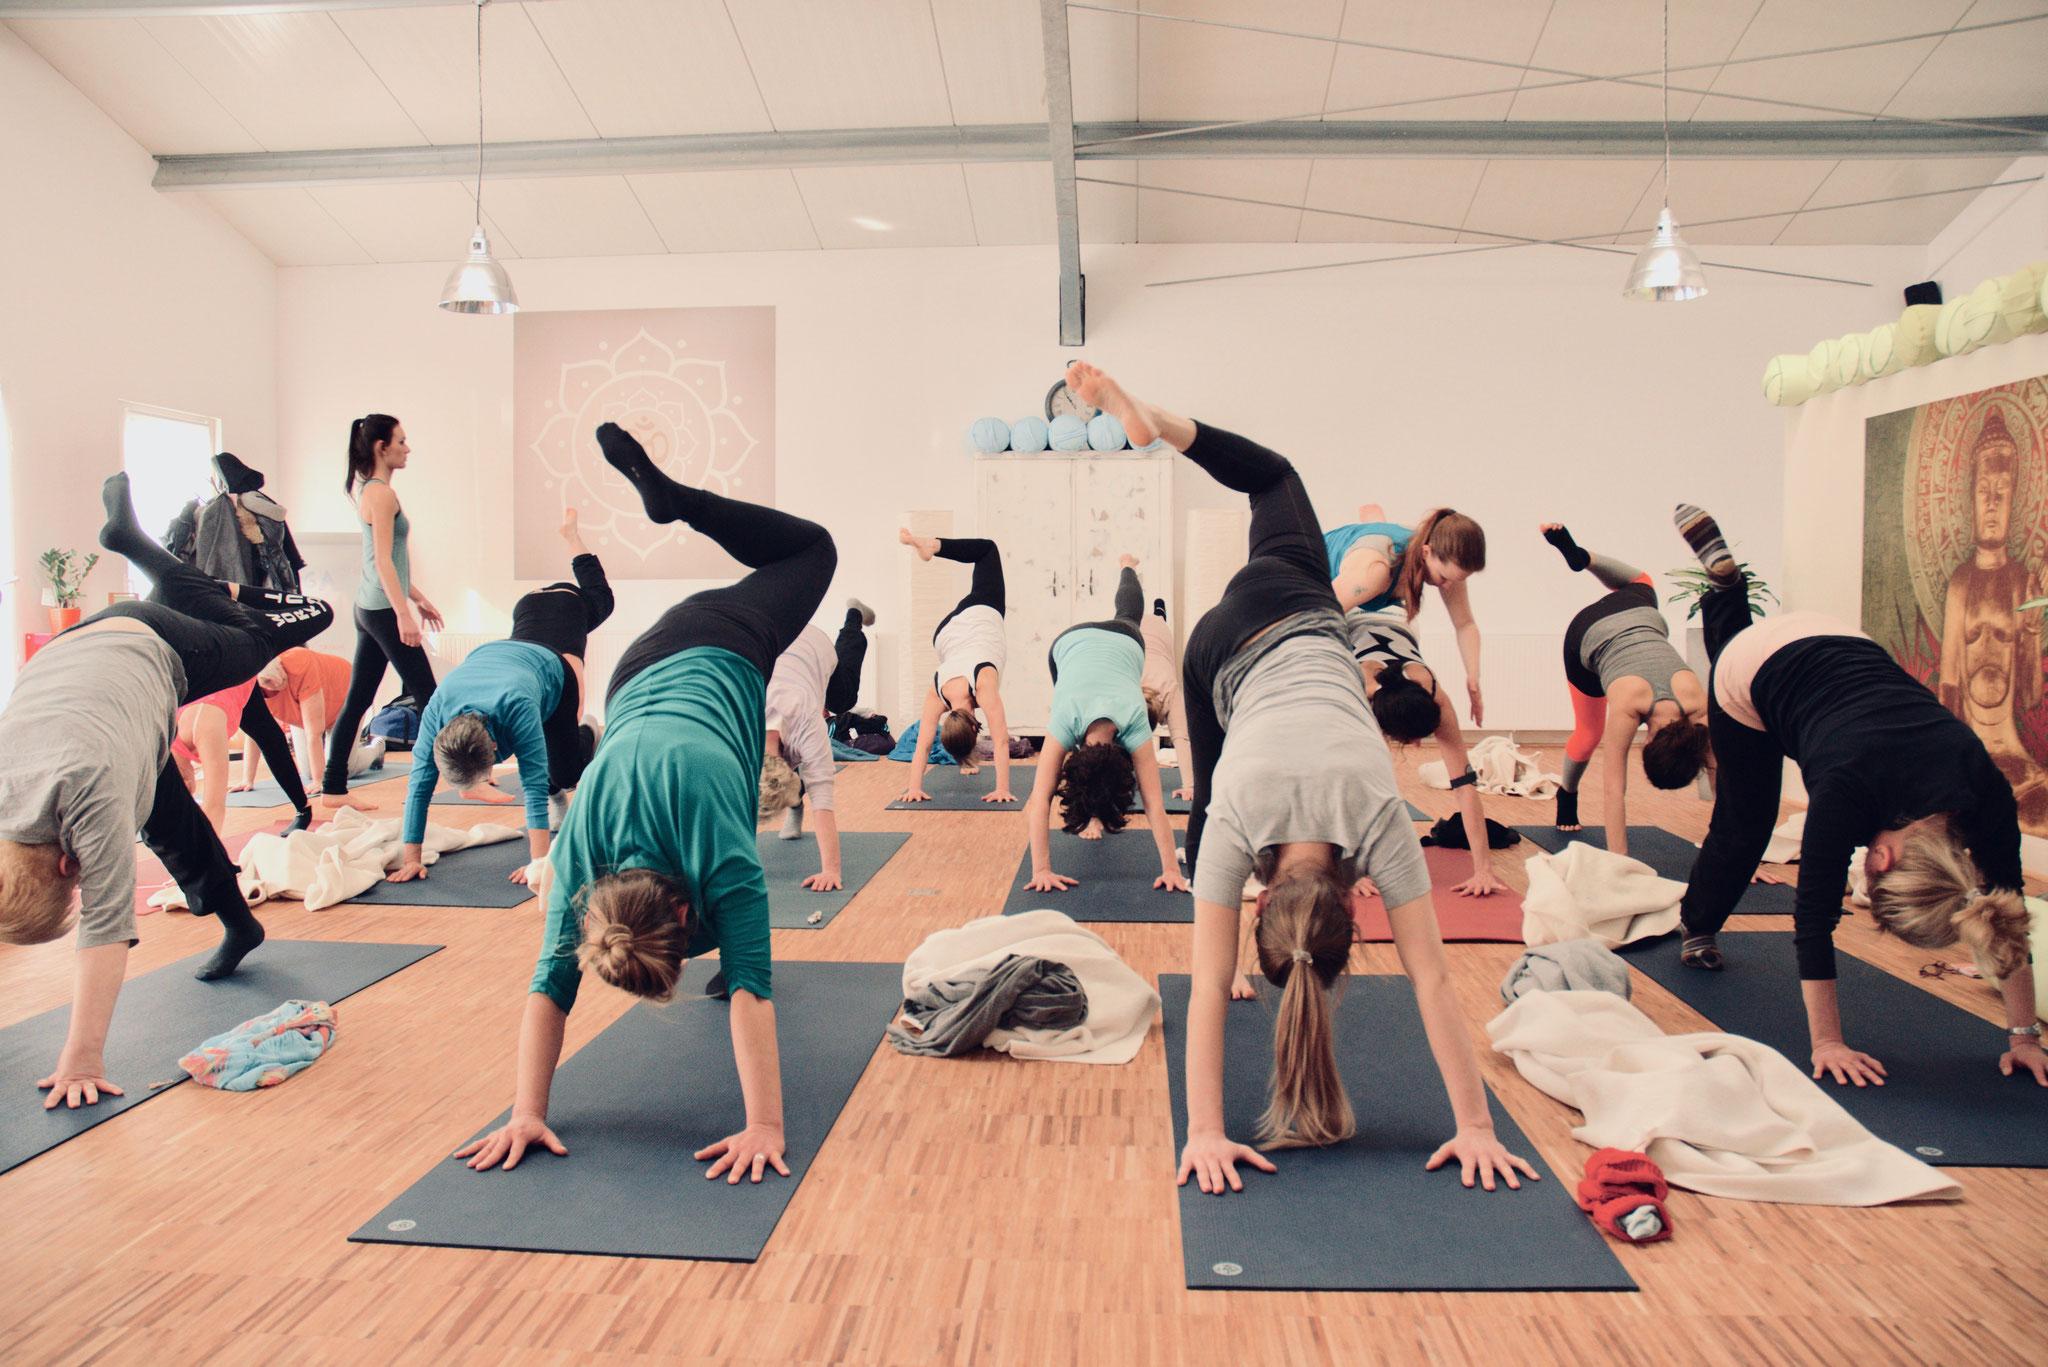 Viel Spaß beim Yoga hat man bei Yamida - Yogaschule Lüdinghausen